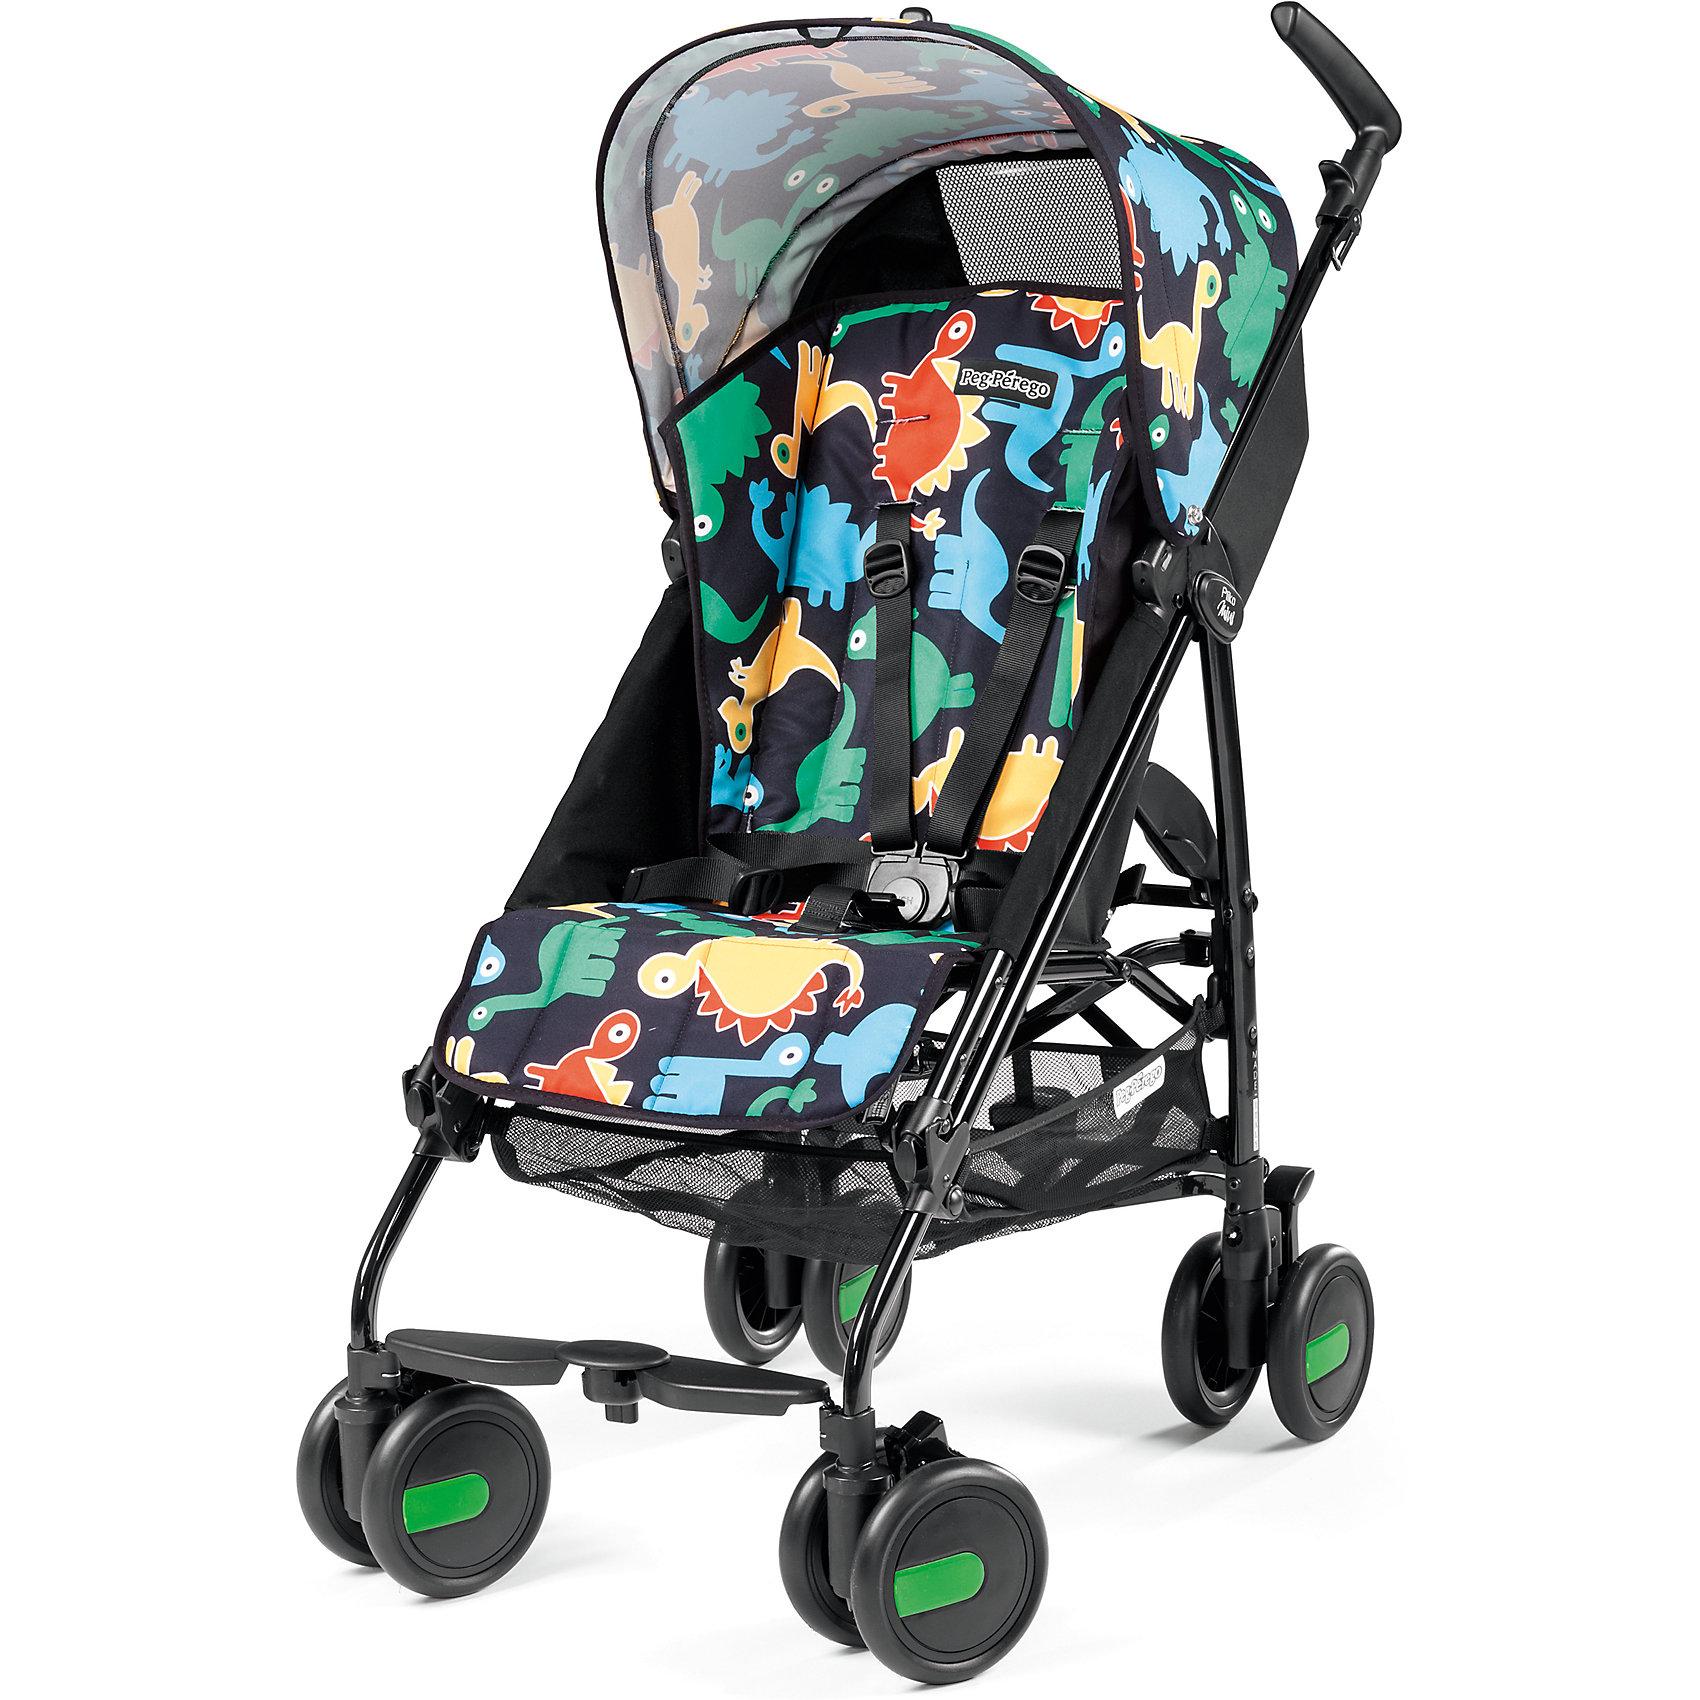 Коляска-трость Pliko Mini с бампером, Peg-Perego, Dino PopКоляска-трость Pliko Mini, Peg-Perego - компактная прогулочная коляска с небольшими габаритами, которая отвечает всем требованиям комфорта и безопасности малыша. Очень практична для использования в любой ситуации. Коляска оснащена удобным для ребенка сиденьем с мягкими 5- точечными ремнями безопасности. Дополнительно можно приобрести мягкий съемный бампер (отдельно бампер без коляски не продается!). Спинка легко раскладывается в 3 положениях вплоть до горизонтального. Опора для ножек регулируется, что обеспечивает<br>малышу правильную осанку. Большой капюшон со смотровым окном защитит от солнца и дождя.  <br><br>Для родителей предусмотрены удобные ручки и вместительная корзина для принадлежностей малыша. Коляска оснащена 4 двойными колесами (передние - поворотные с возможностью фиксации, задние - с тормозом). Благодаря узкой колесной базе коляска без труда преодолевает<br>даже самые узкие проемы дверей, лифтов и турникетов. Легко и компактно складывается тростью, что позволяет использовать ее во время поездок и путешествий. Обивку можно снимать и стирать. Подходит для детей от 6 мес. до 3 лет.<br><br><br>Особенности:<br><br>- удобна для транспортировки и хранения;<br>- объемный капюшон от солнца и дождя;<br>- спинка сиденья регулируется 3 положениях;<br>- регулируемая подножка; <br>- корзина для вещей ребенка;<br>- передние поворотные колеса с возможностью фиксации;<br>- узкая колесная база;<br>- легко и компактно складывается тростью.<br><br><br>Дополнительная информация:<br><br>- Цвет: Dino Pop.<br>- Материал: текстиль, металл, пластик.<br>- Диаметр колес: 14,6 см.<br>- Максимальная длина спального места: 87 см.<br>- Размер в разложенном виде: 84 х 50 х 101 см.<br>- Размер в сложенном виде: 34 х 32 х 94 см.<br>- Вес: 5,7 кг.<br><br>Коляску-трость Pliko Mini + бампер передний, Peg-Perego можно купить в нашем интернет-магазине.<br><br>Ширина мм: 470<br>Глубина мм: 290<br>Высота мм: 1025<br>Вес г: 7600<br>Возр